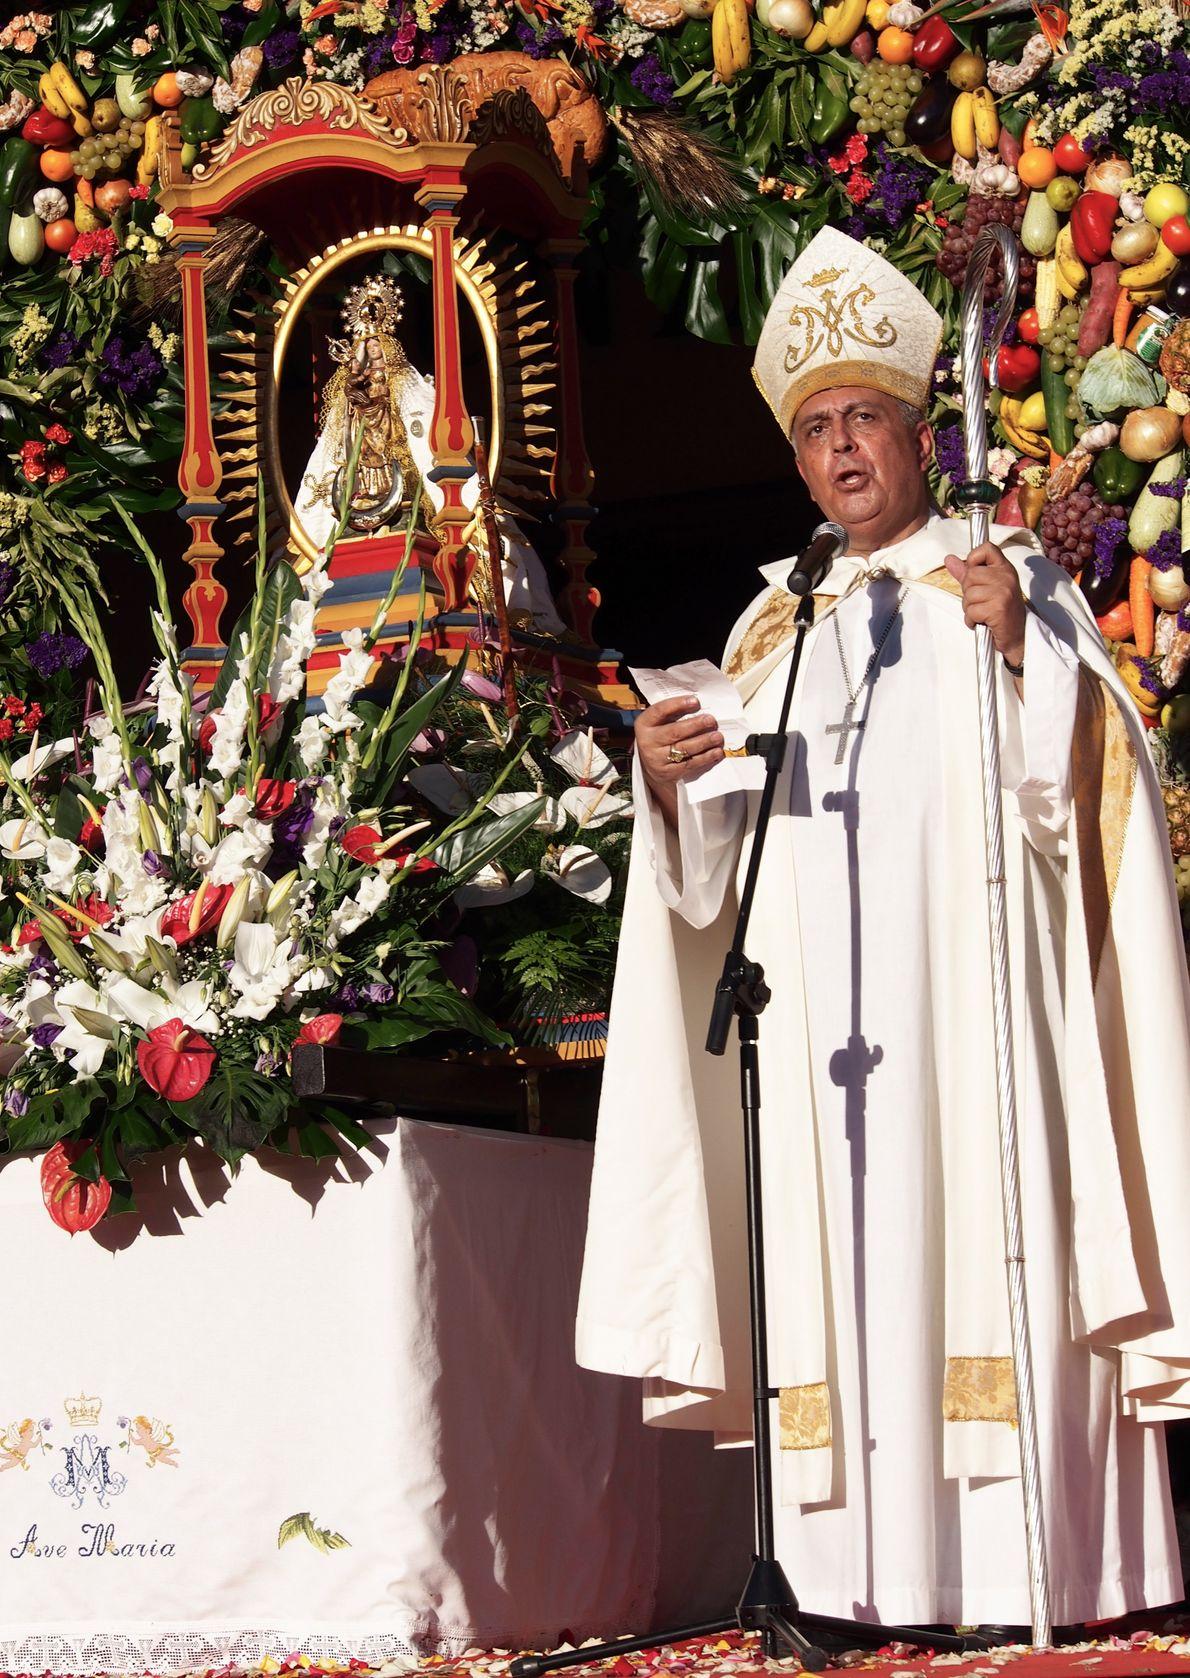 L'évêque succède au maire président de San Sebastián de la Gomera. C'est le moment pour les ...